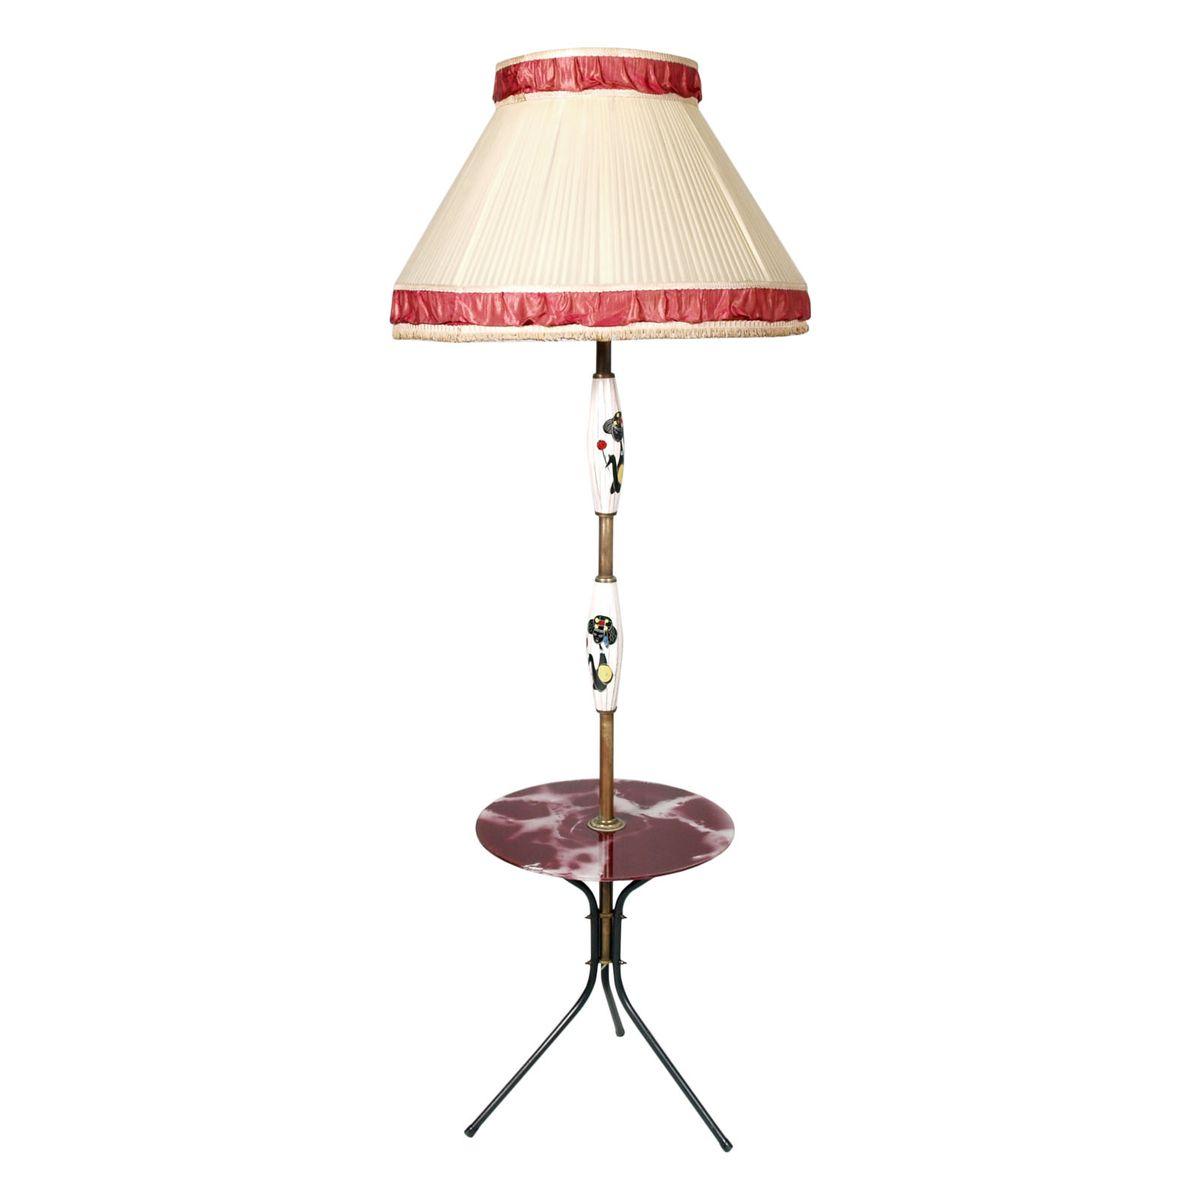 Dreibeinige Mid-Century Modern Stehlampe mit Couchtisch